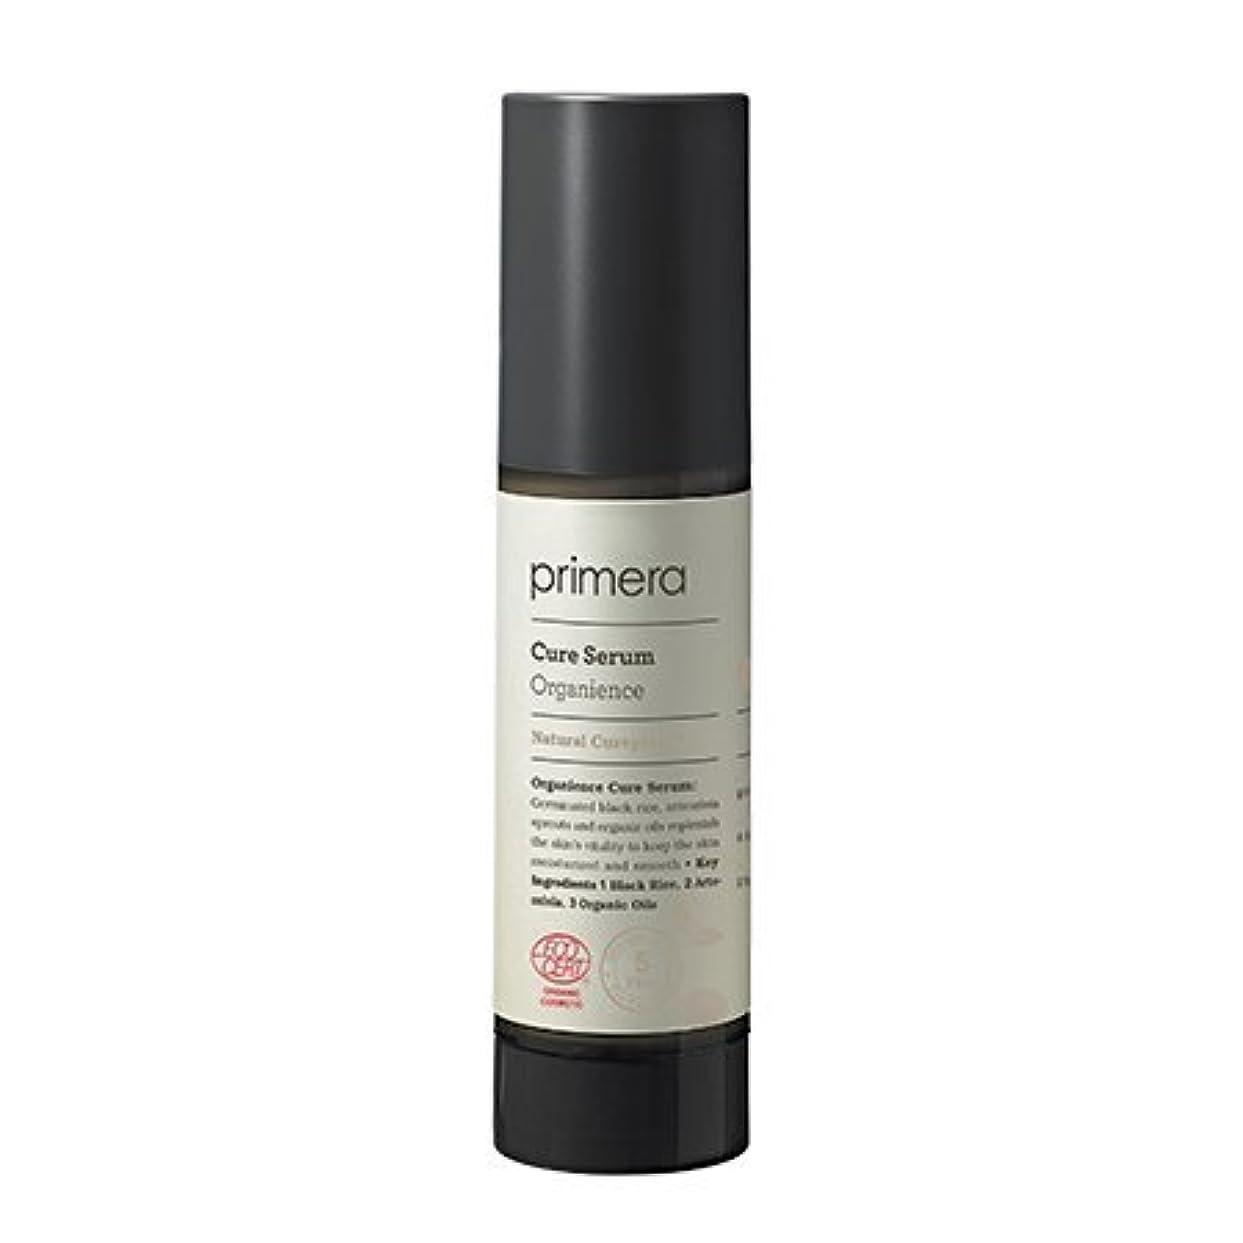 単なる忠誠パースブラックボロウ【Primera】Organience Cure Serum - 50ml (韓国直送品) (SHOPPINGINSTAGRAM)